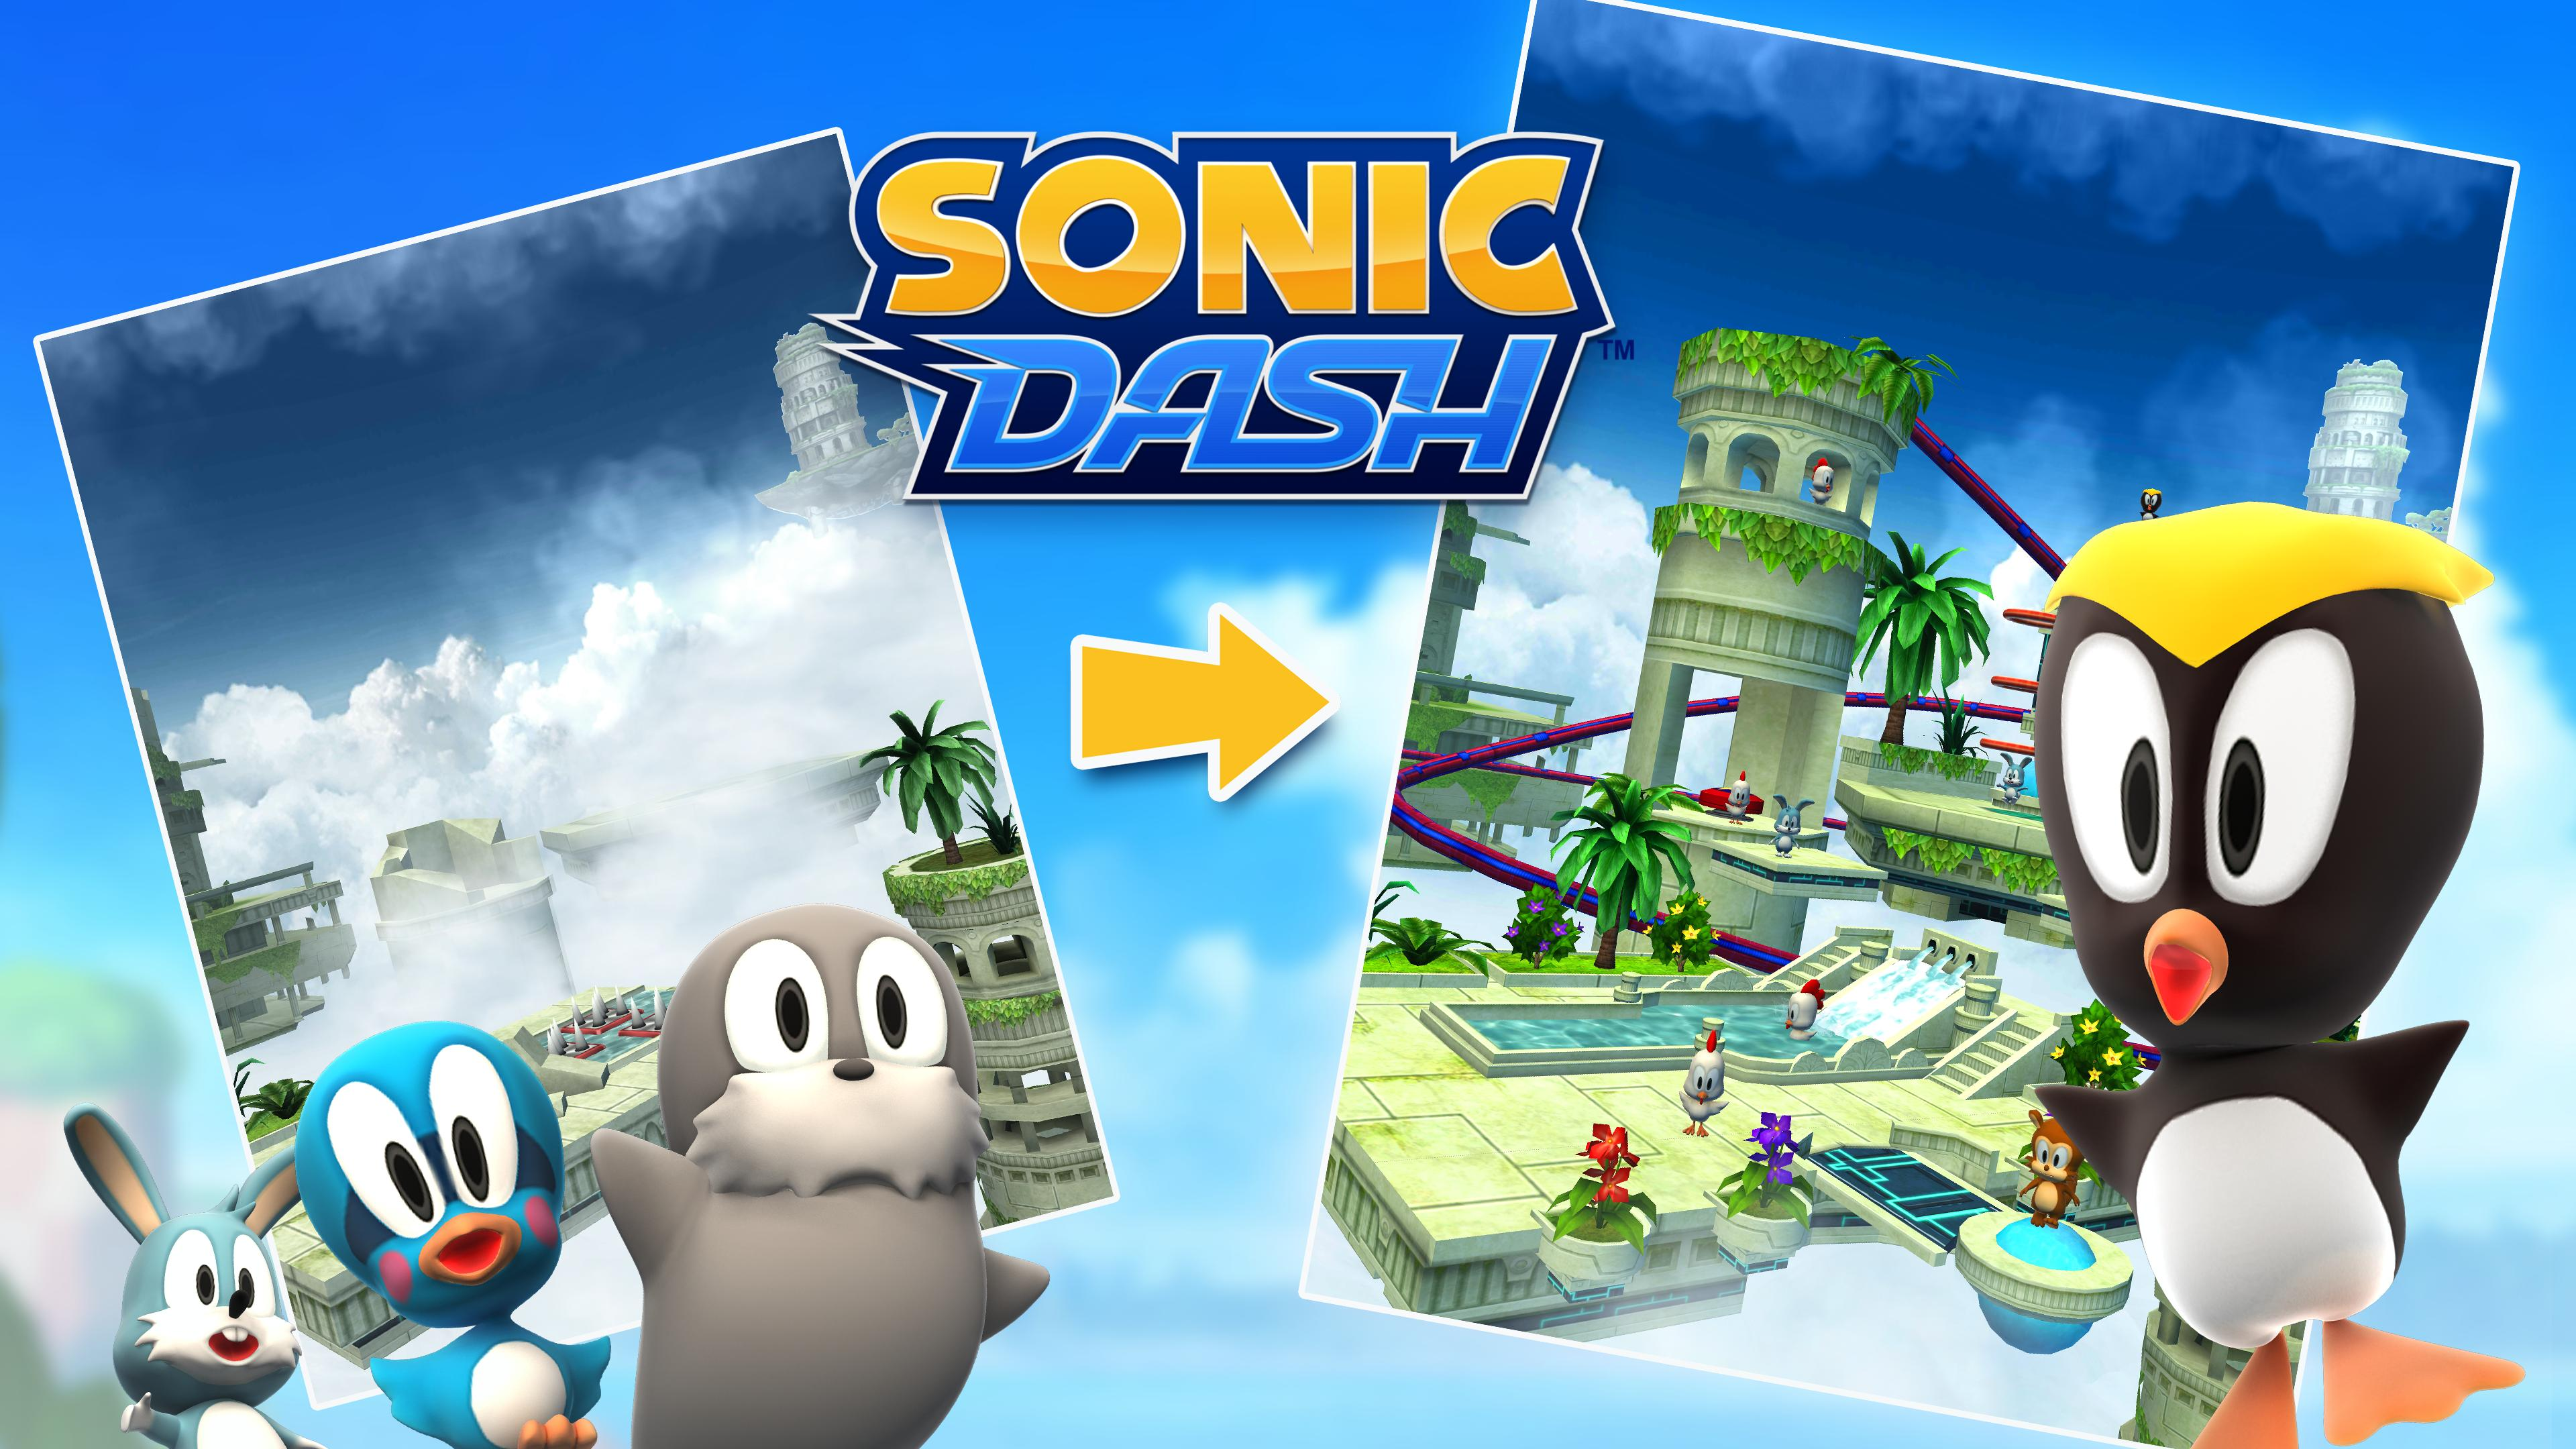 Sonic Dash - Endless Running & Racing Game 4.14.0 Screenshot 16